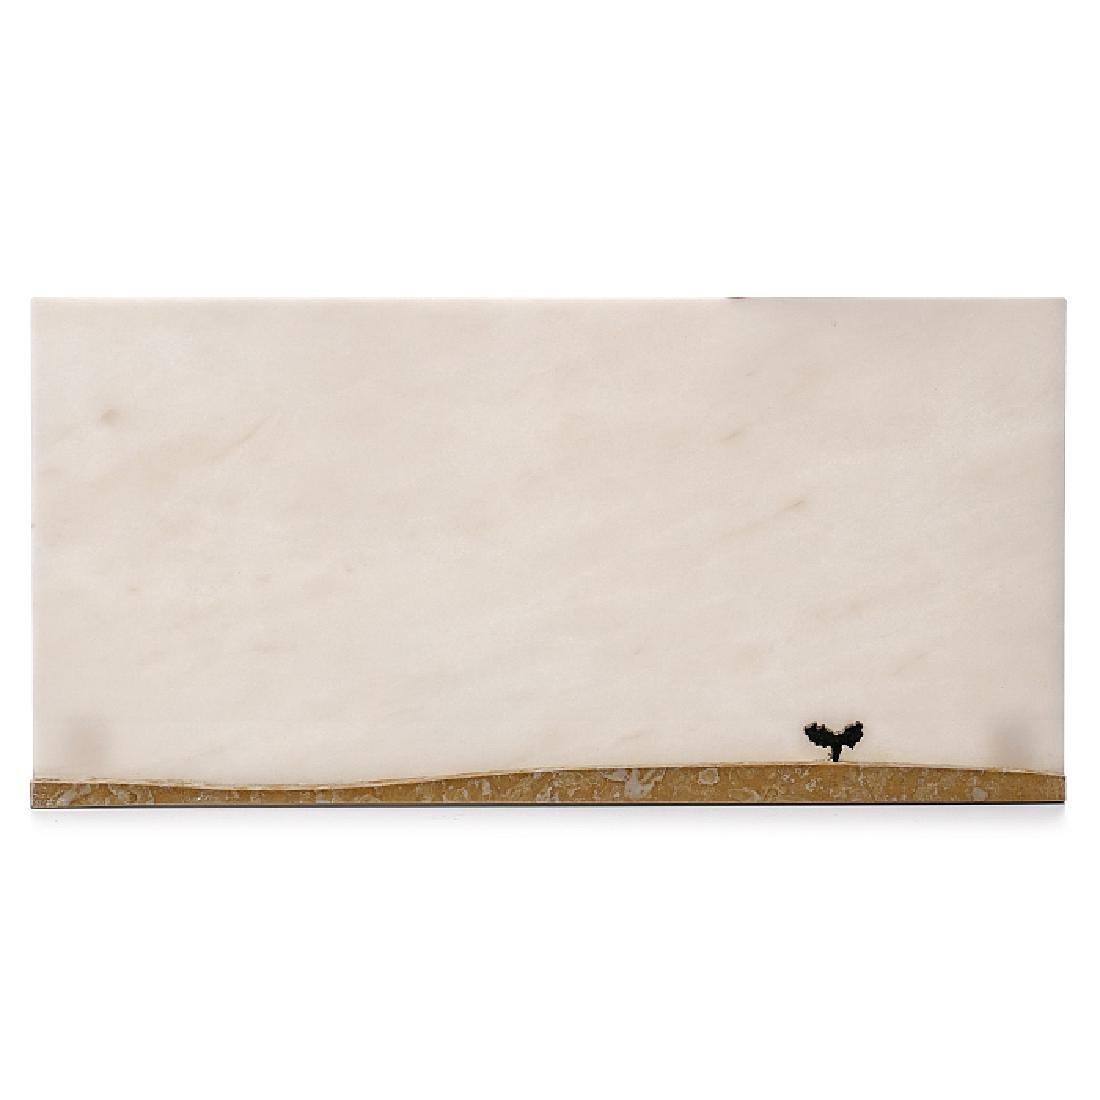 JOAO CUTILEIRO (b. 1937) - Plaque with a landscape